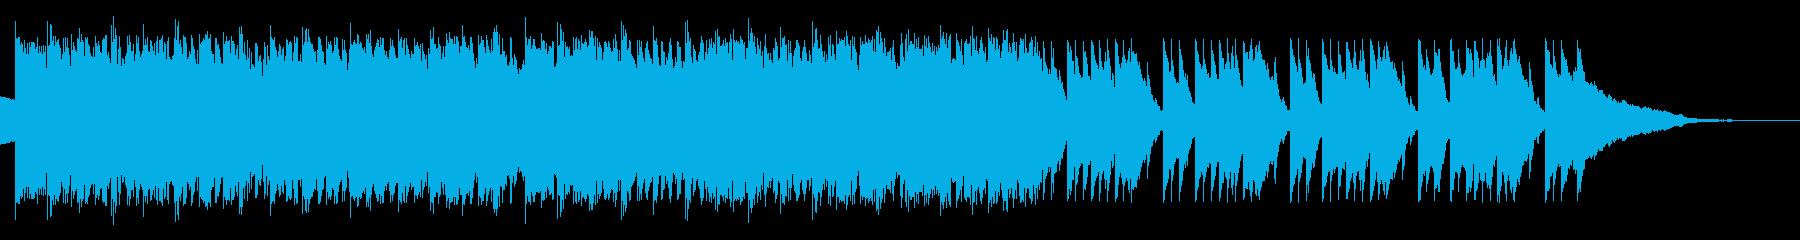 リズミカルなテクノ モーニングルーティンの再生済みの波形